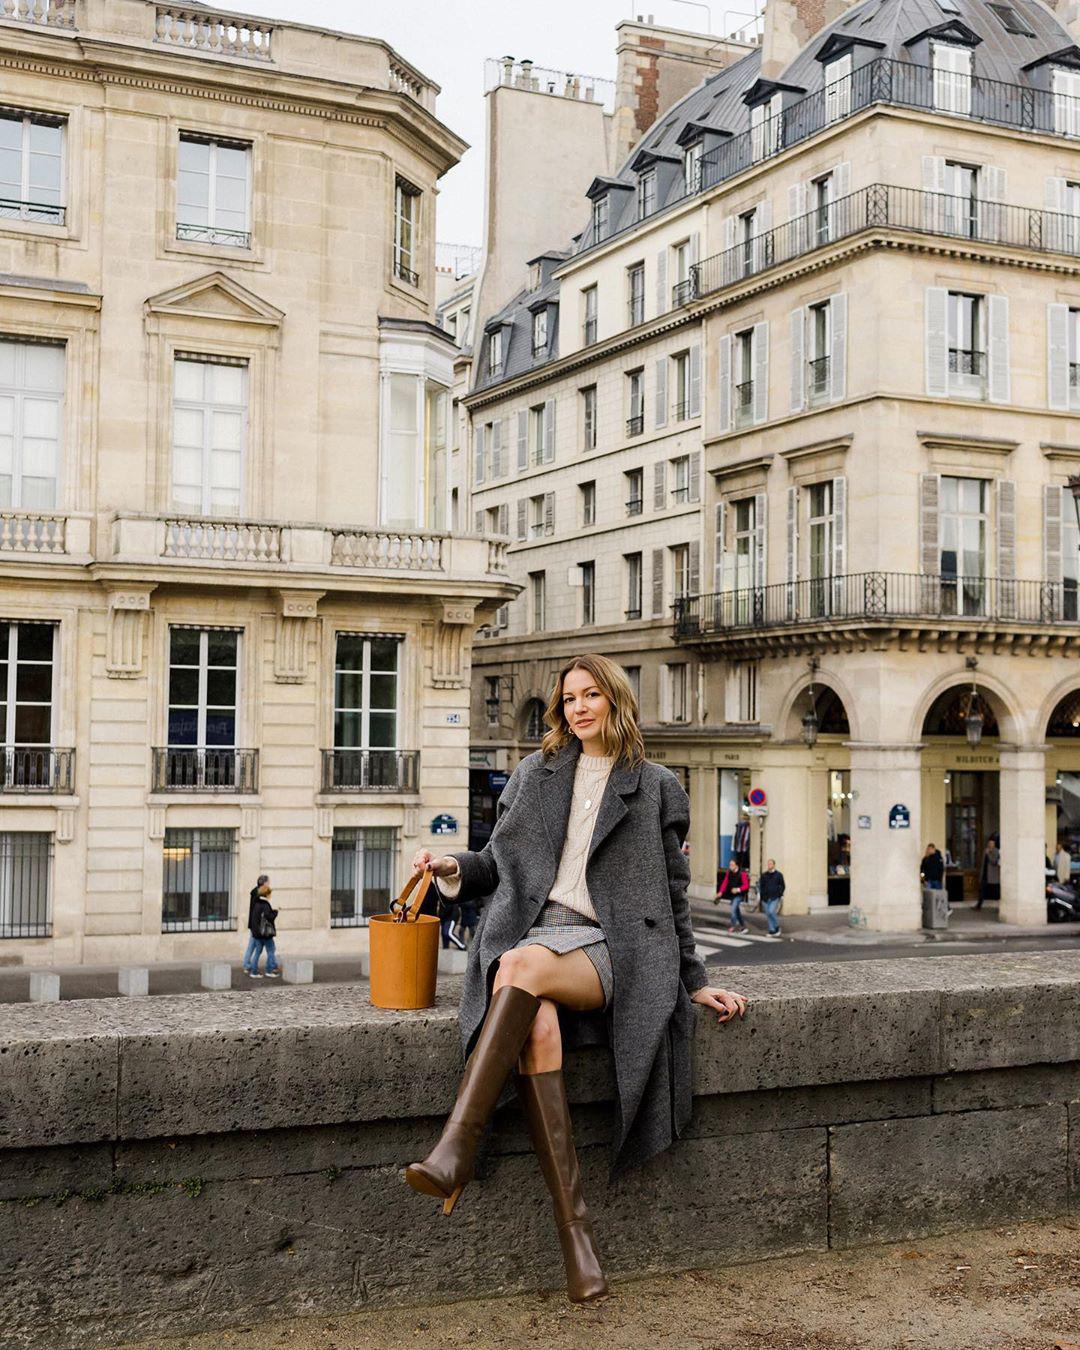 Không thể kìm lòng trước 5 cách diện áo len đẹp xỉu của phụ nữ Pháp, bạn sẽ muốn áp dụng bằng hết mới được - Ảnh 16